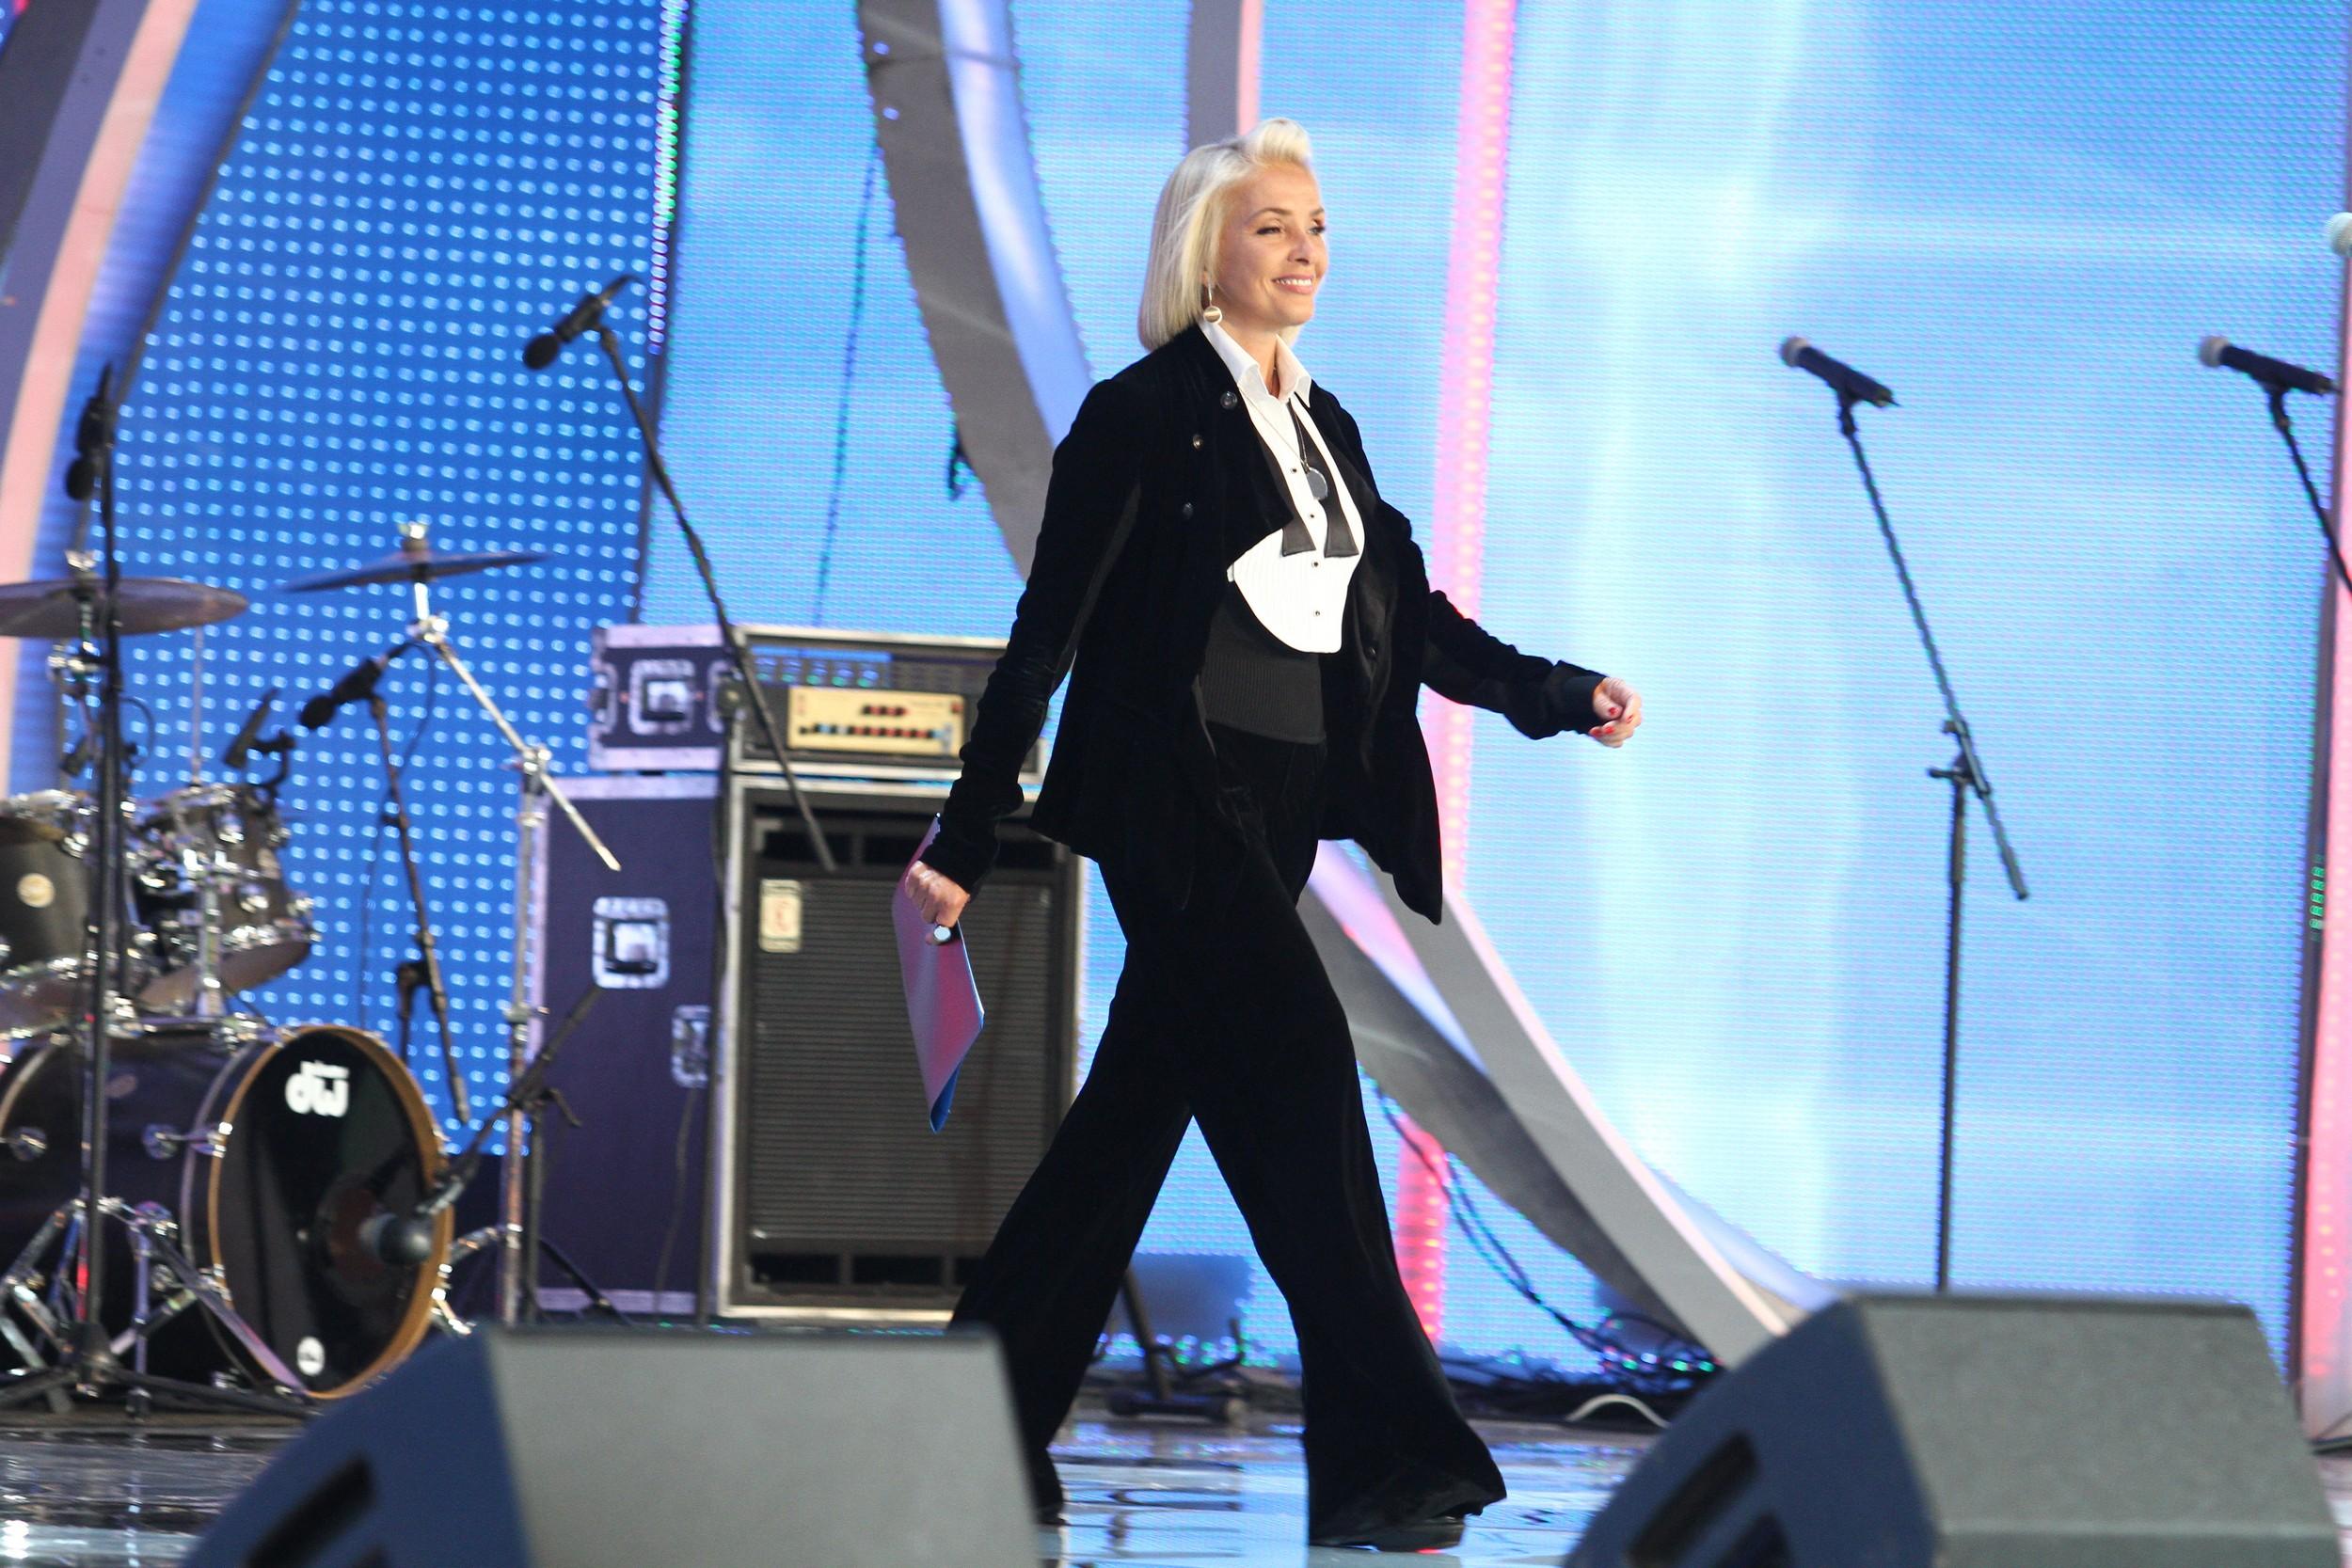 Певица Лайма Вайкуле